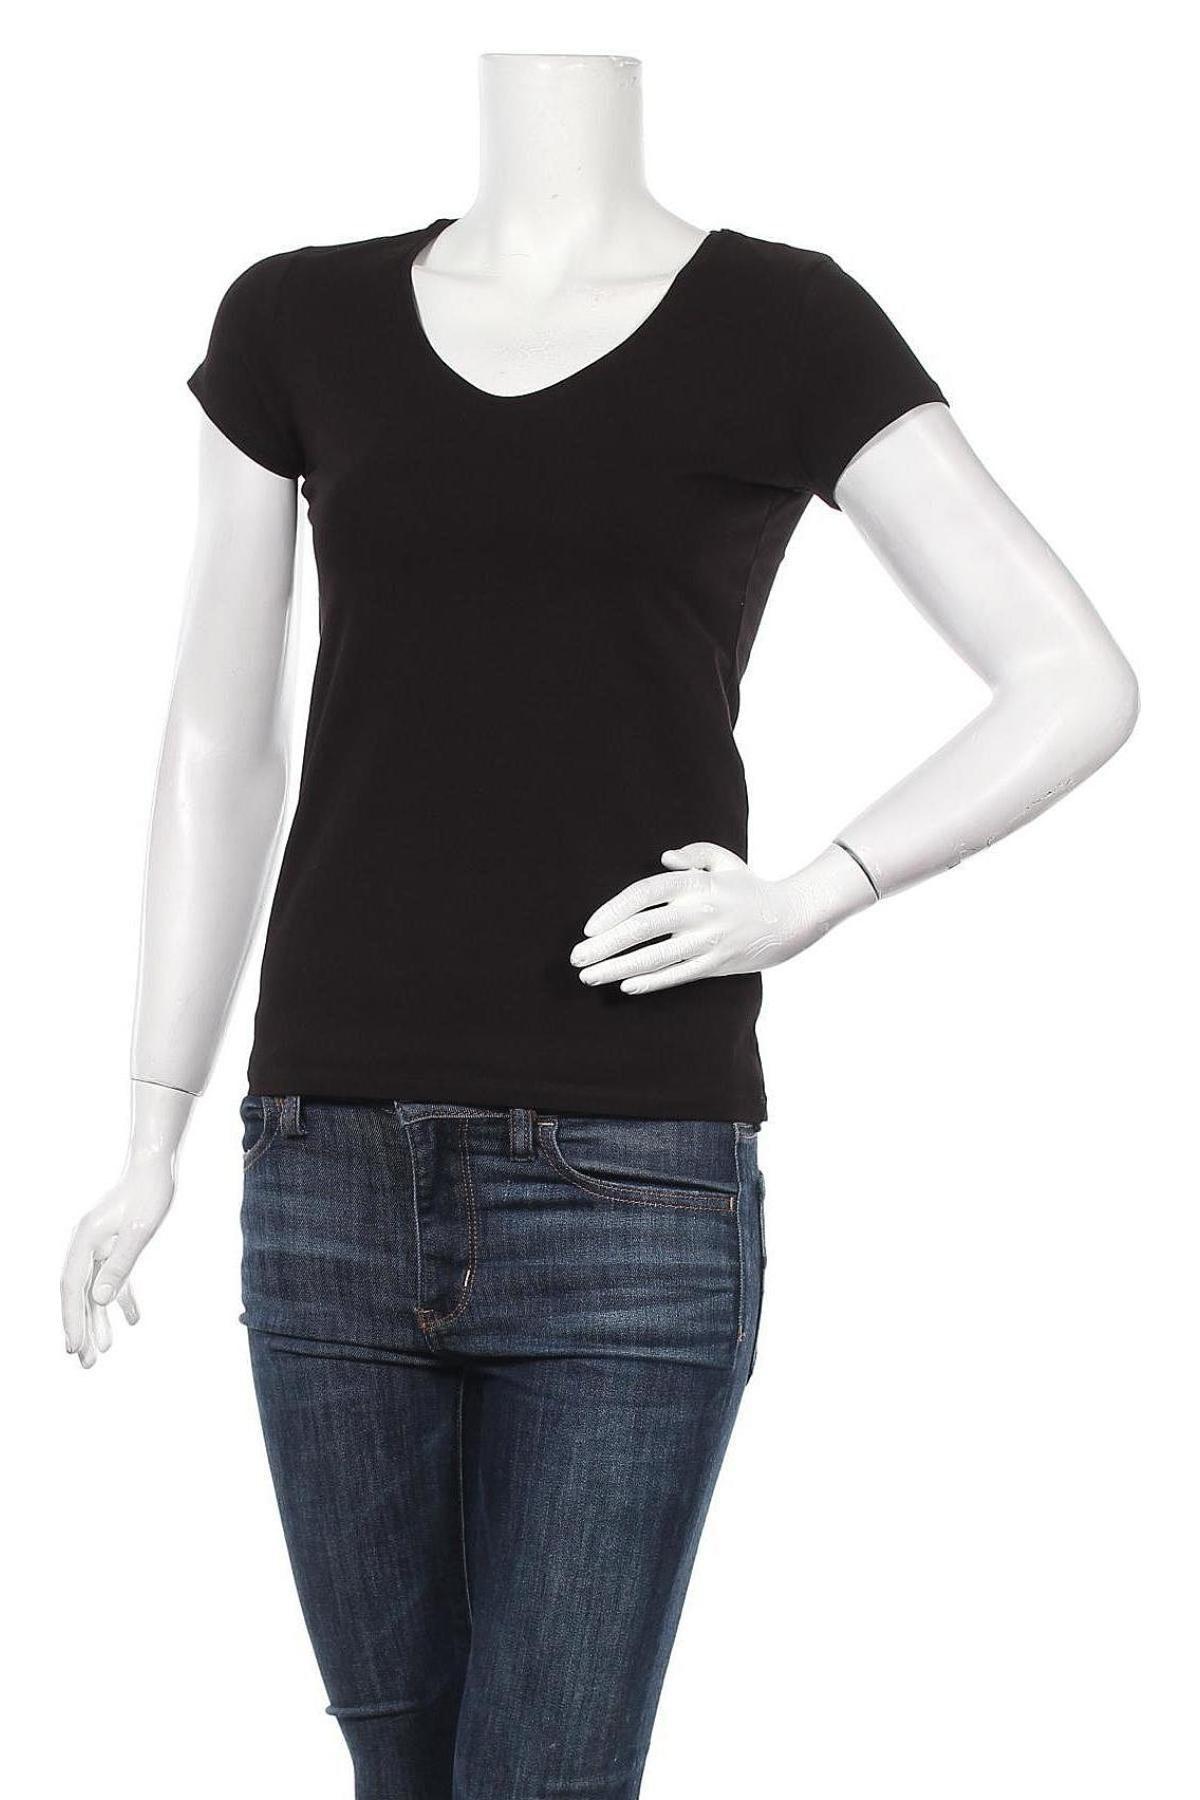 Дамска тениска Massimo Dutti, Размер S, Цвят Черен, 92% памук, 8% еластан, Цена 17,70лв.